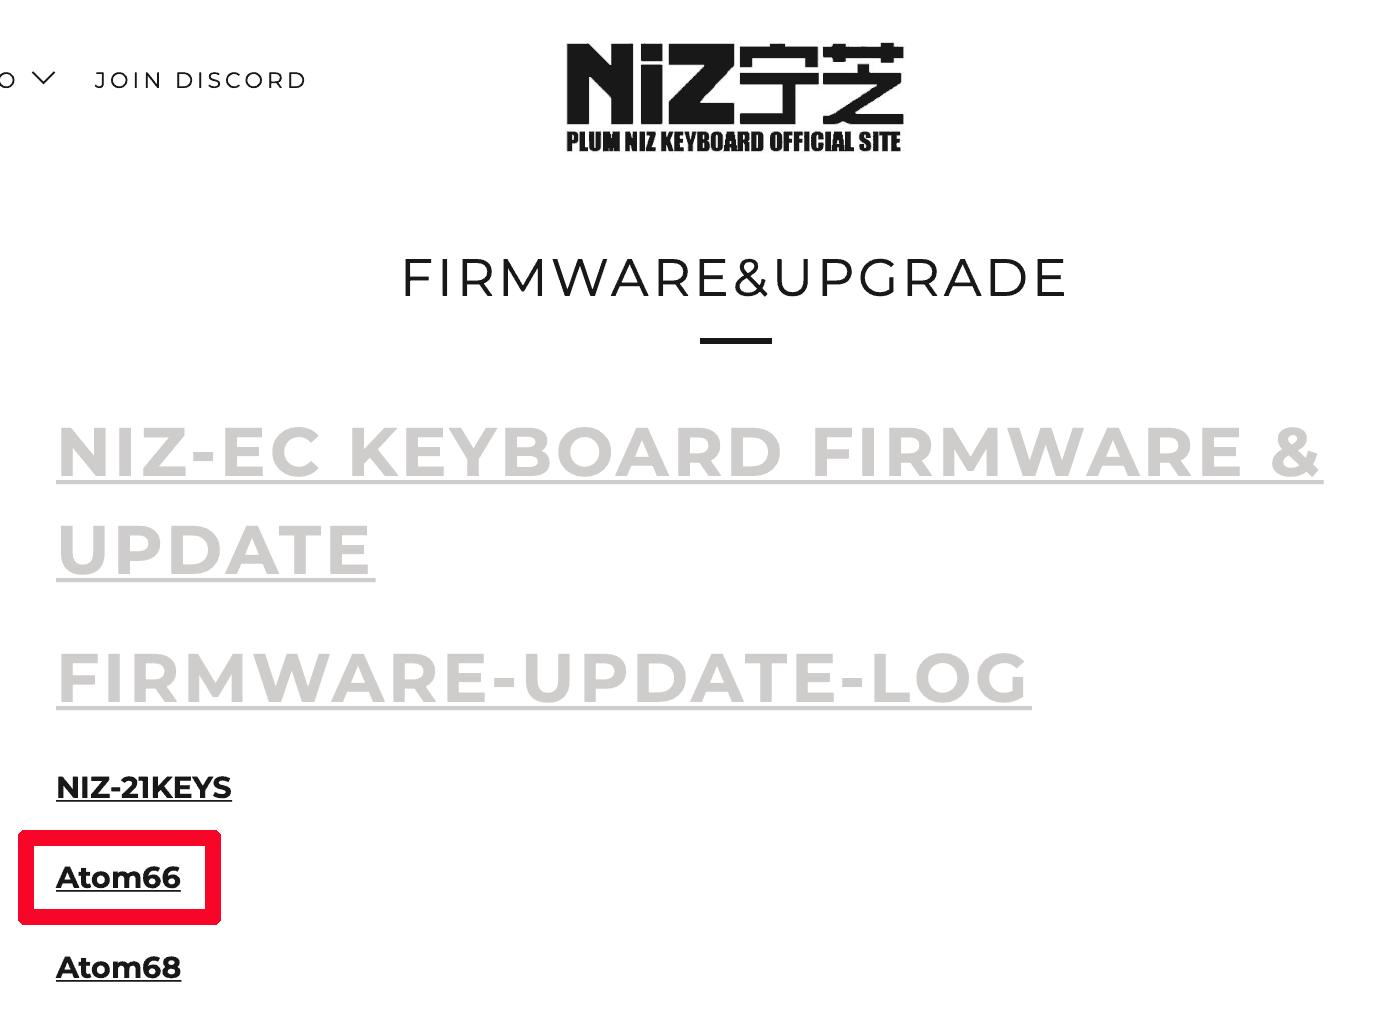 NiZキーボード-ファームウェア-トップページ